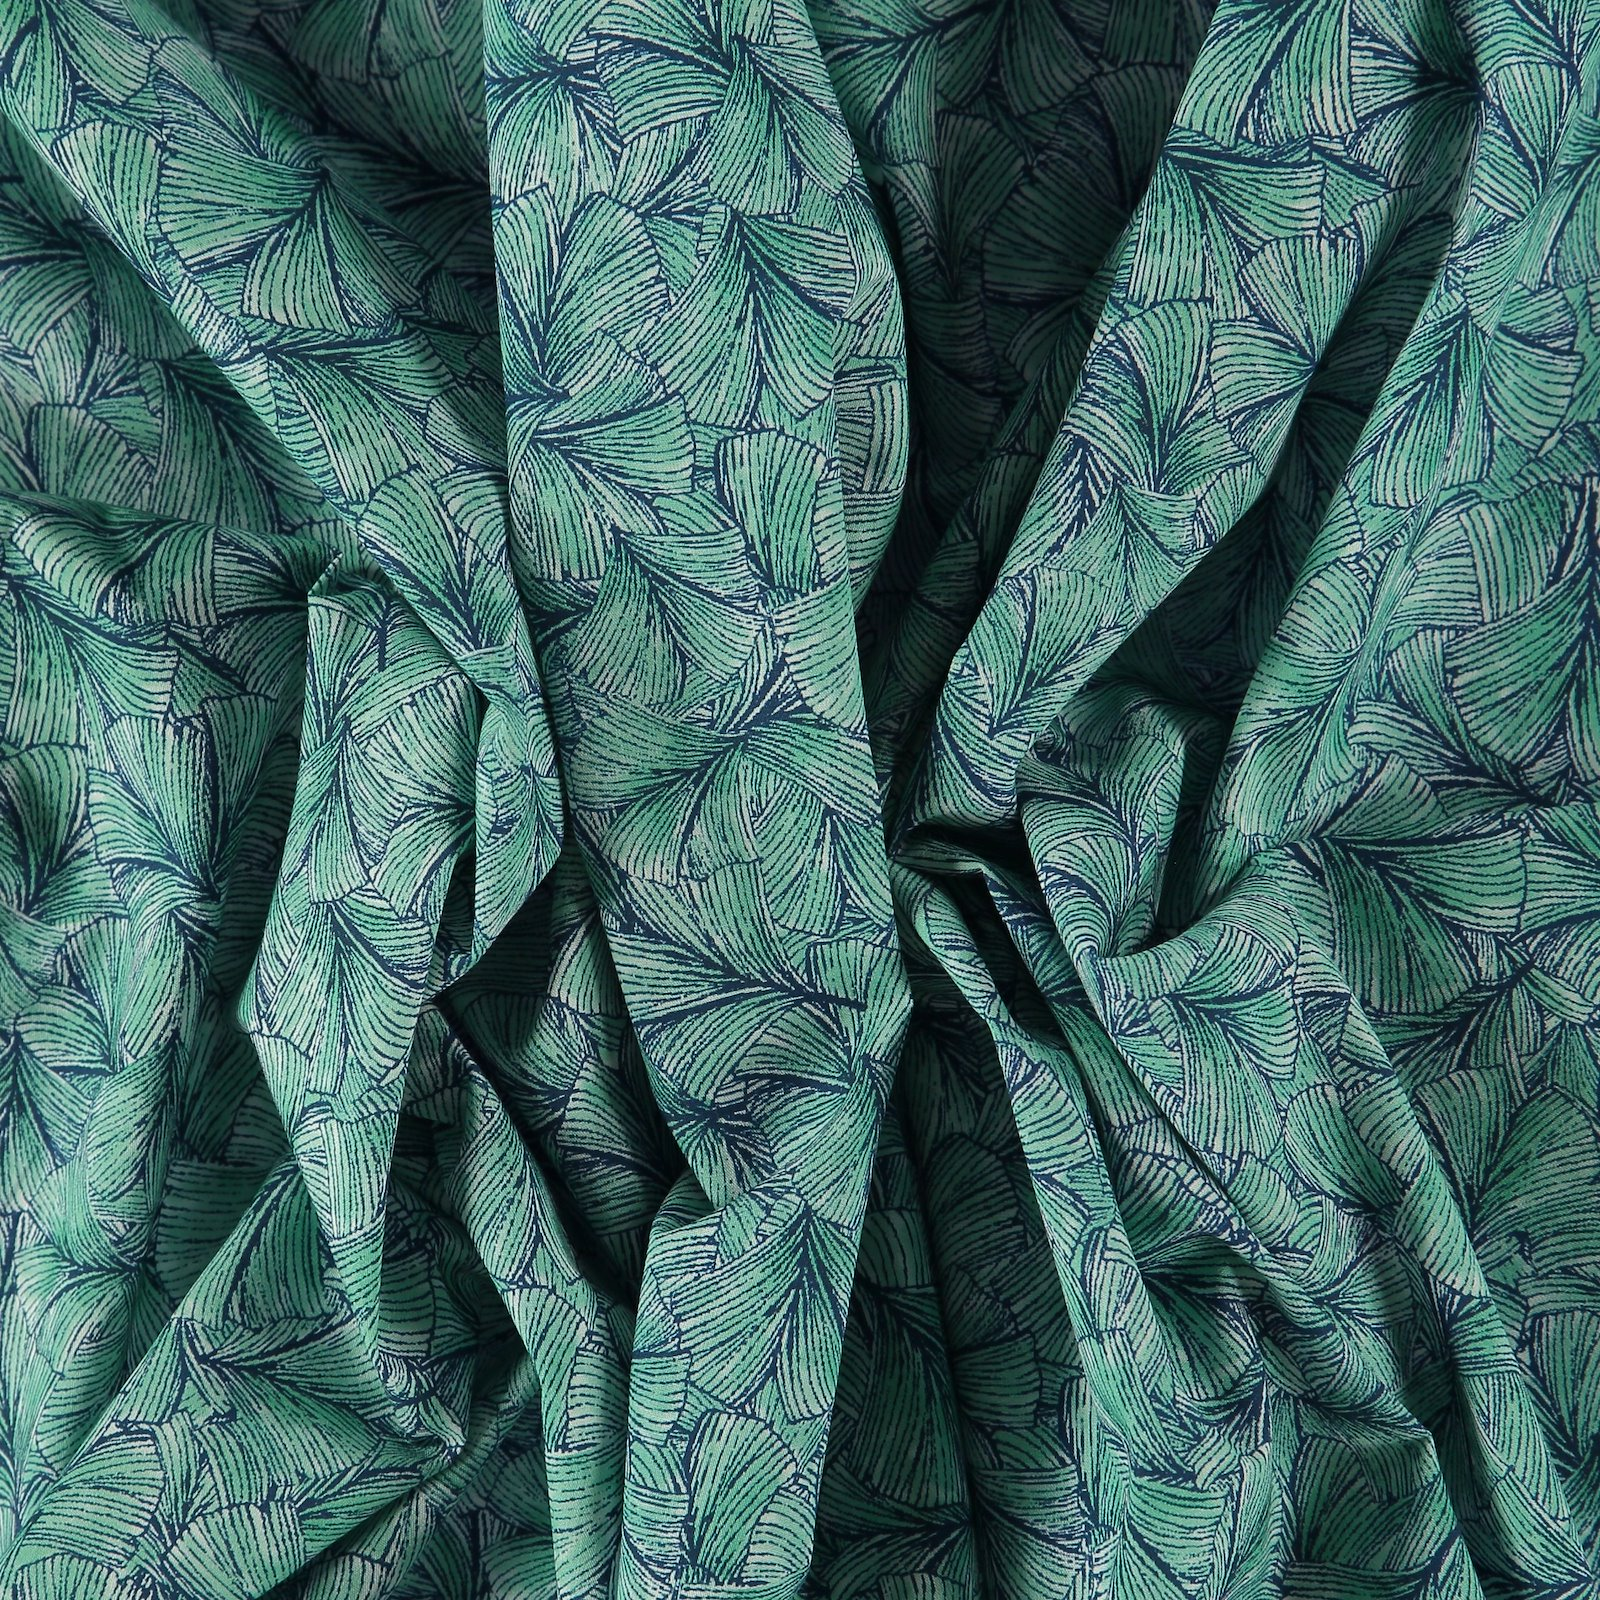 Baumwollpopeline mit grünen Blättern